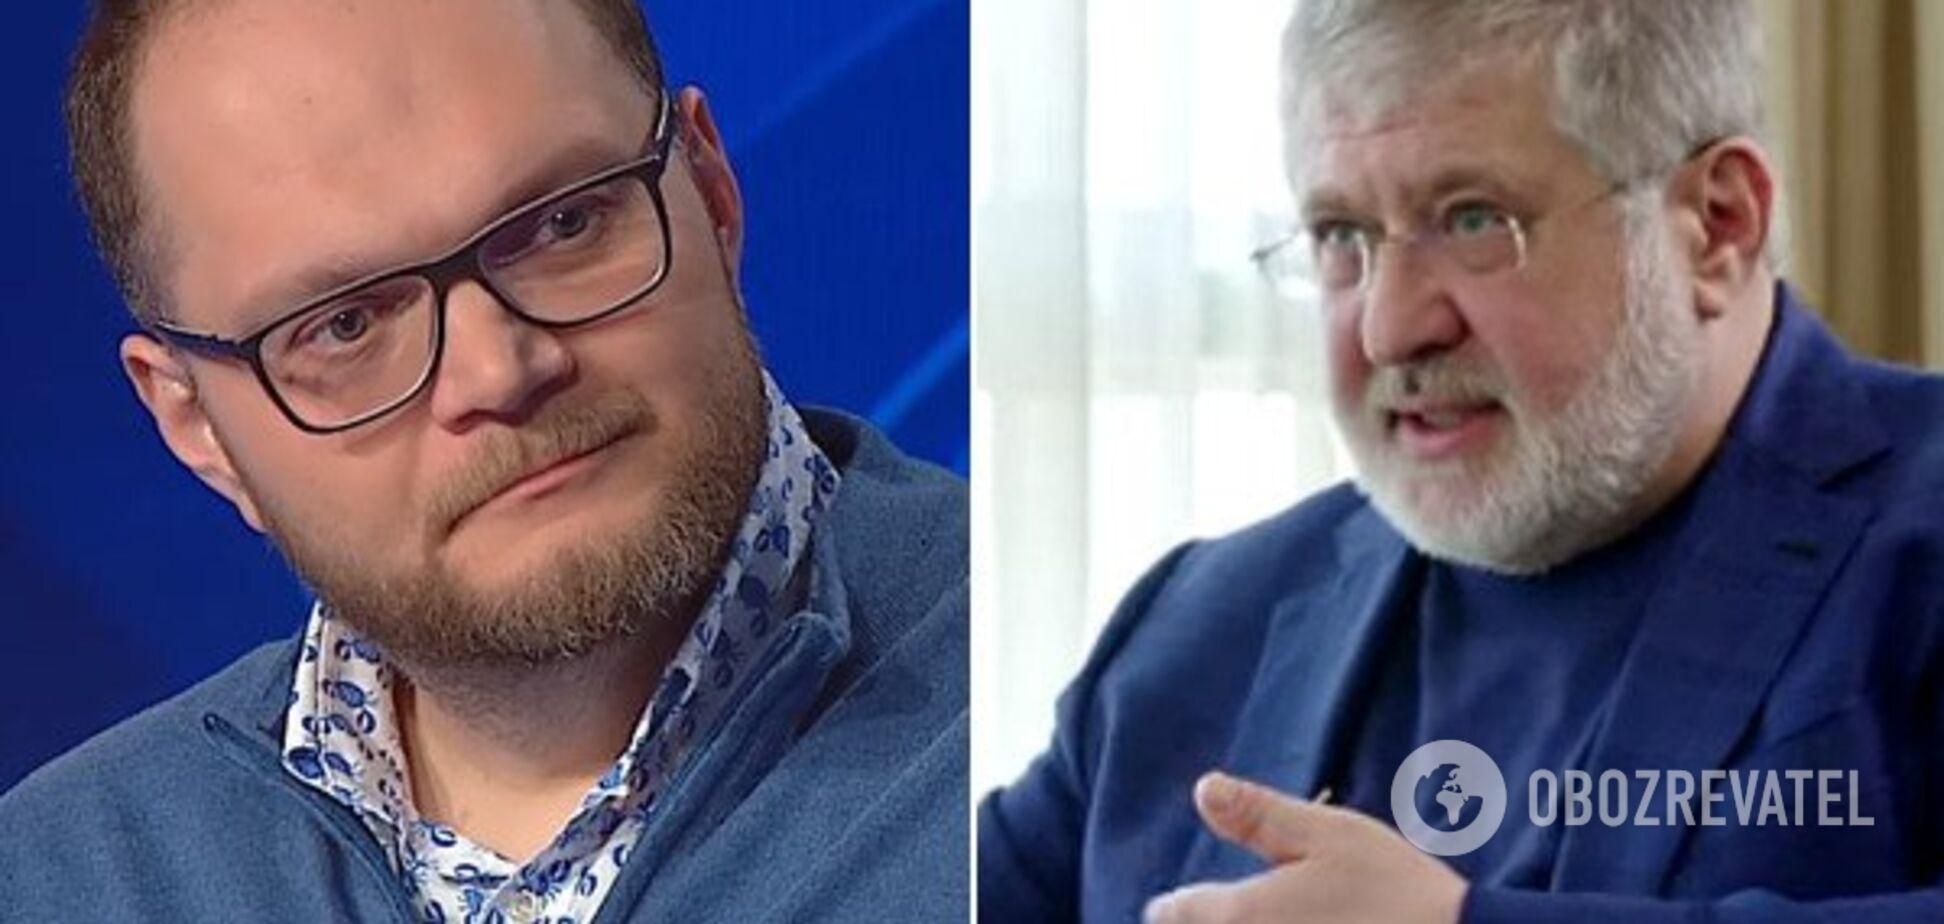 'Он не дебил, а подонок!' Коломойский 'наехал' на министра культуры из-за 'Квартала 95'